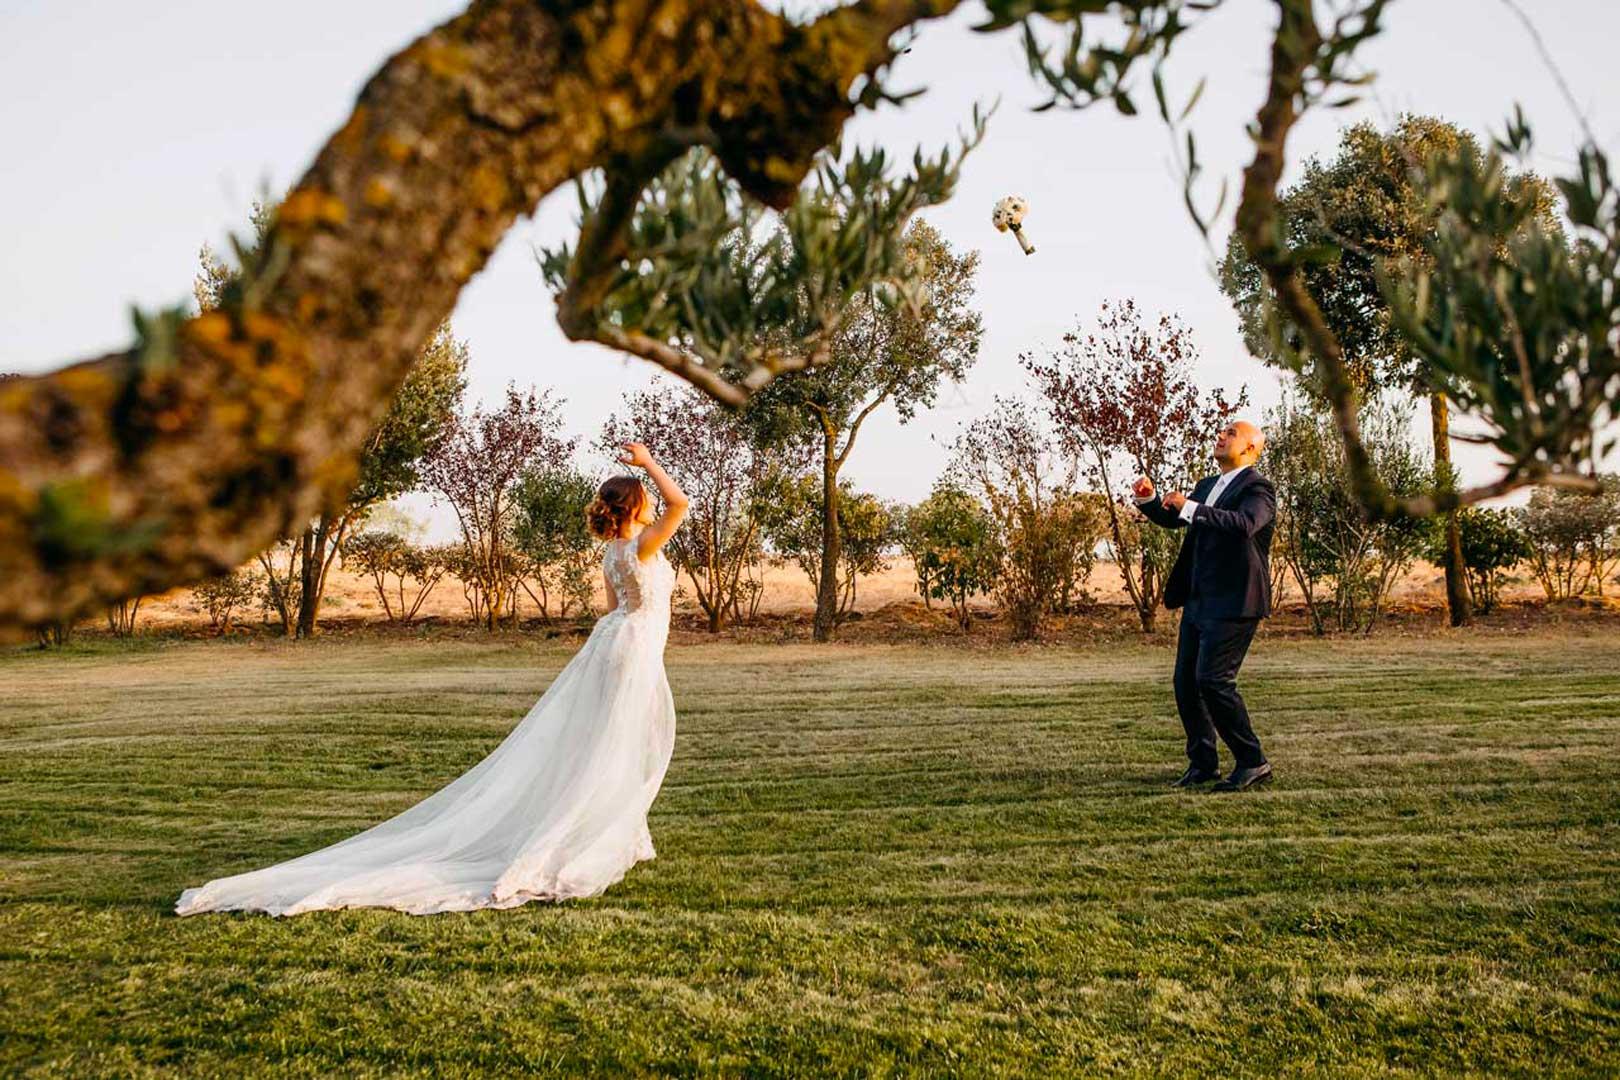 043-sposi-matera-gianni-lepore-wedding-photographer